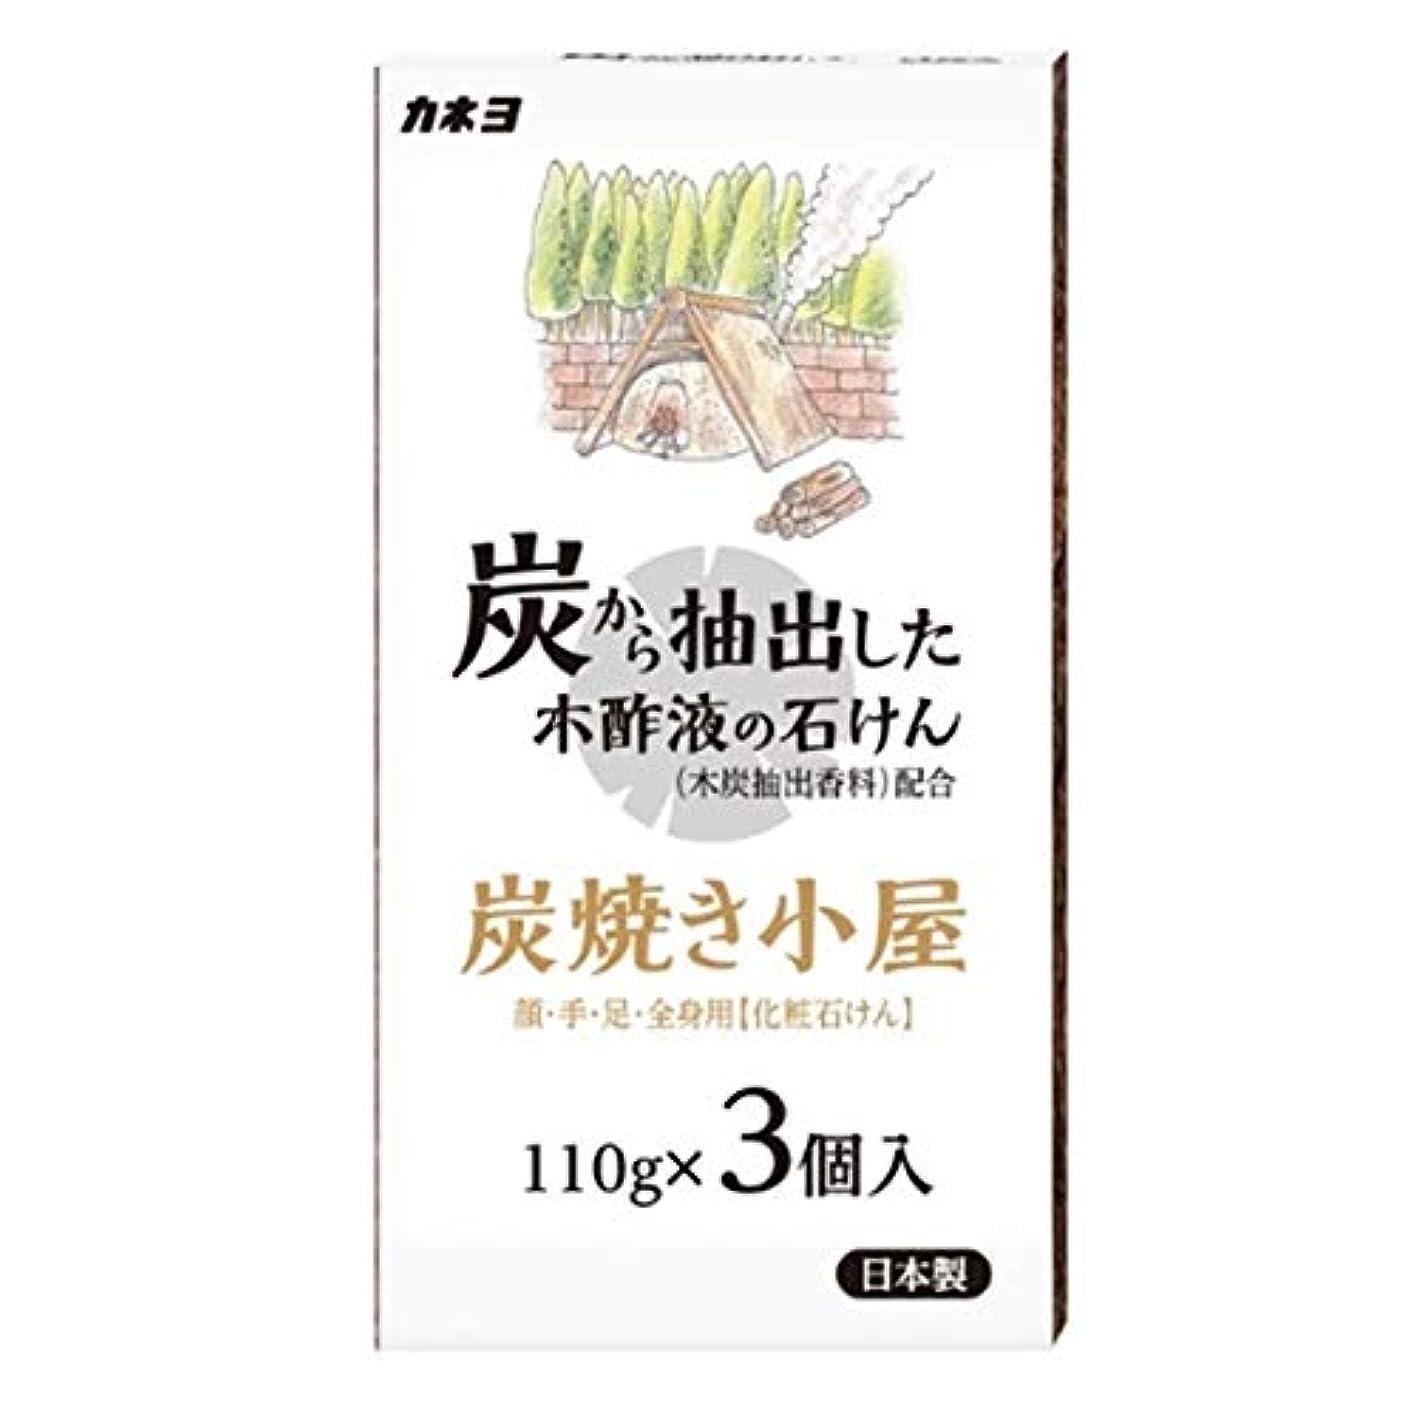 爪慈悲タンカー【ケース販売】 カネヨ石鹸 炭焼小屋 化粧石けん 110g×3個入 36箱